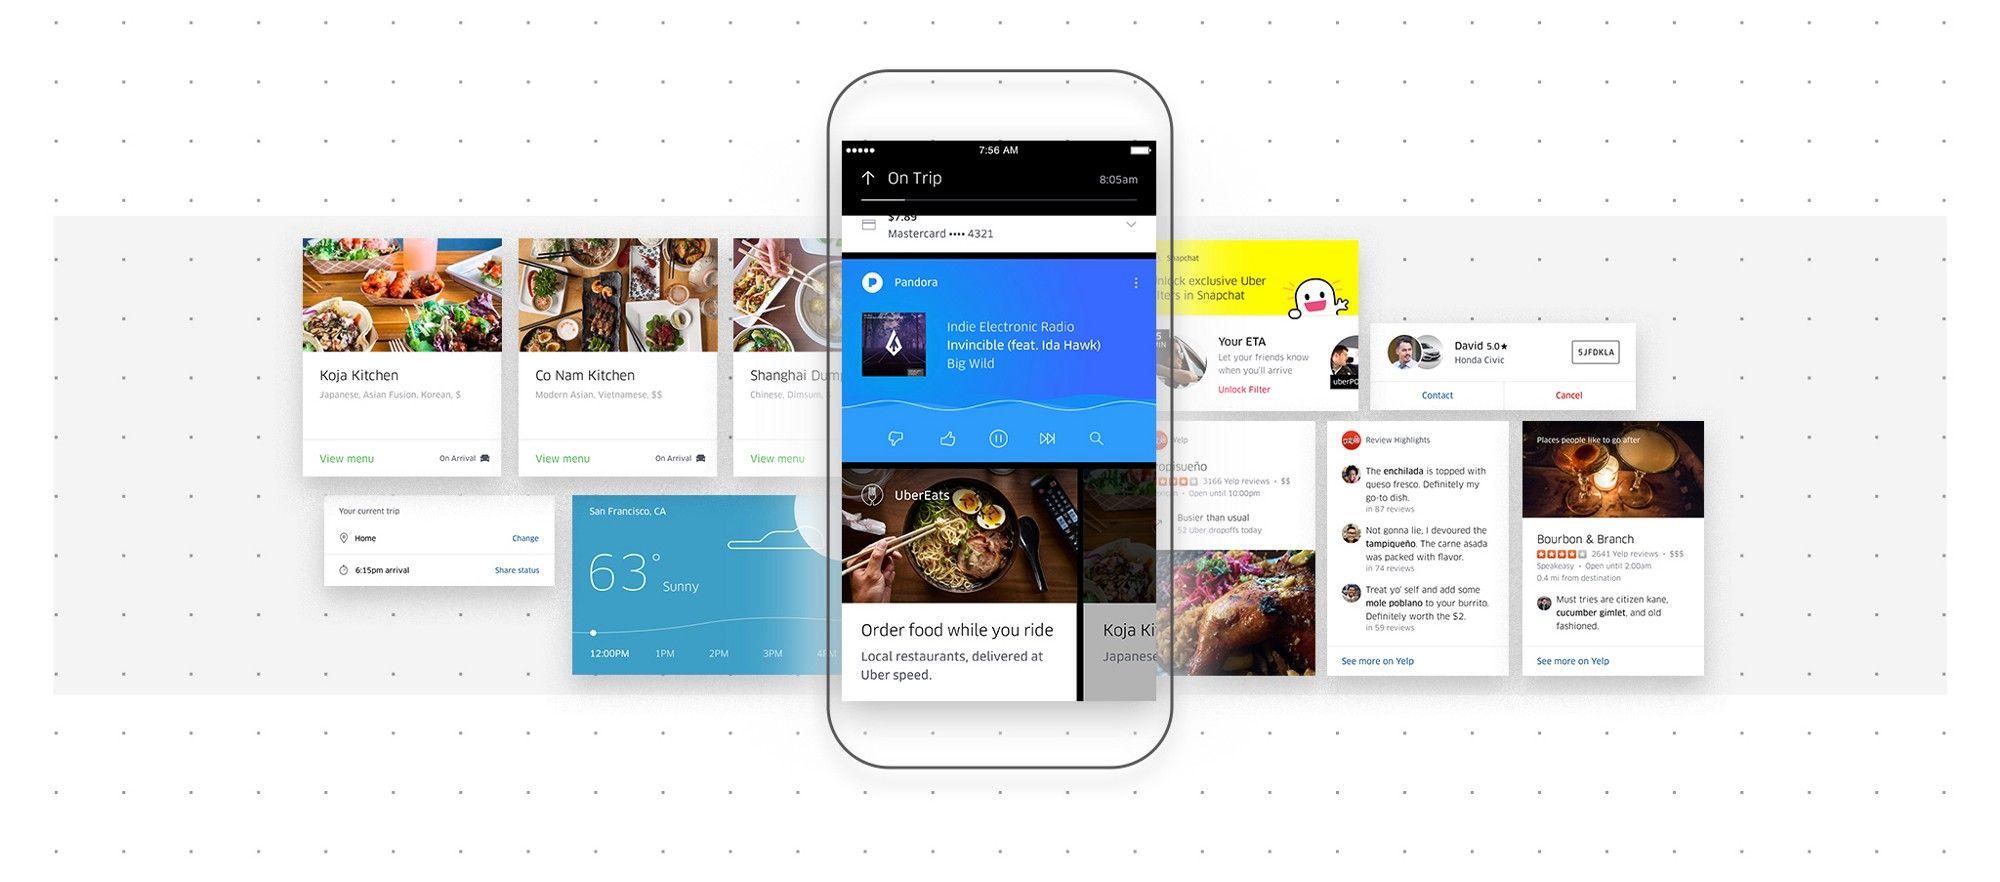 Designing the new Uber App Uber Design Medium App